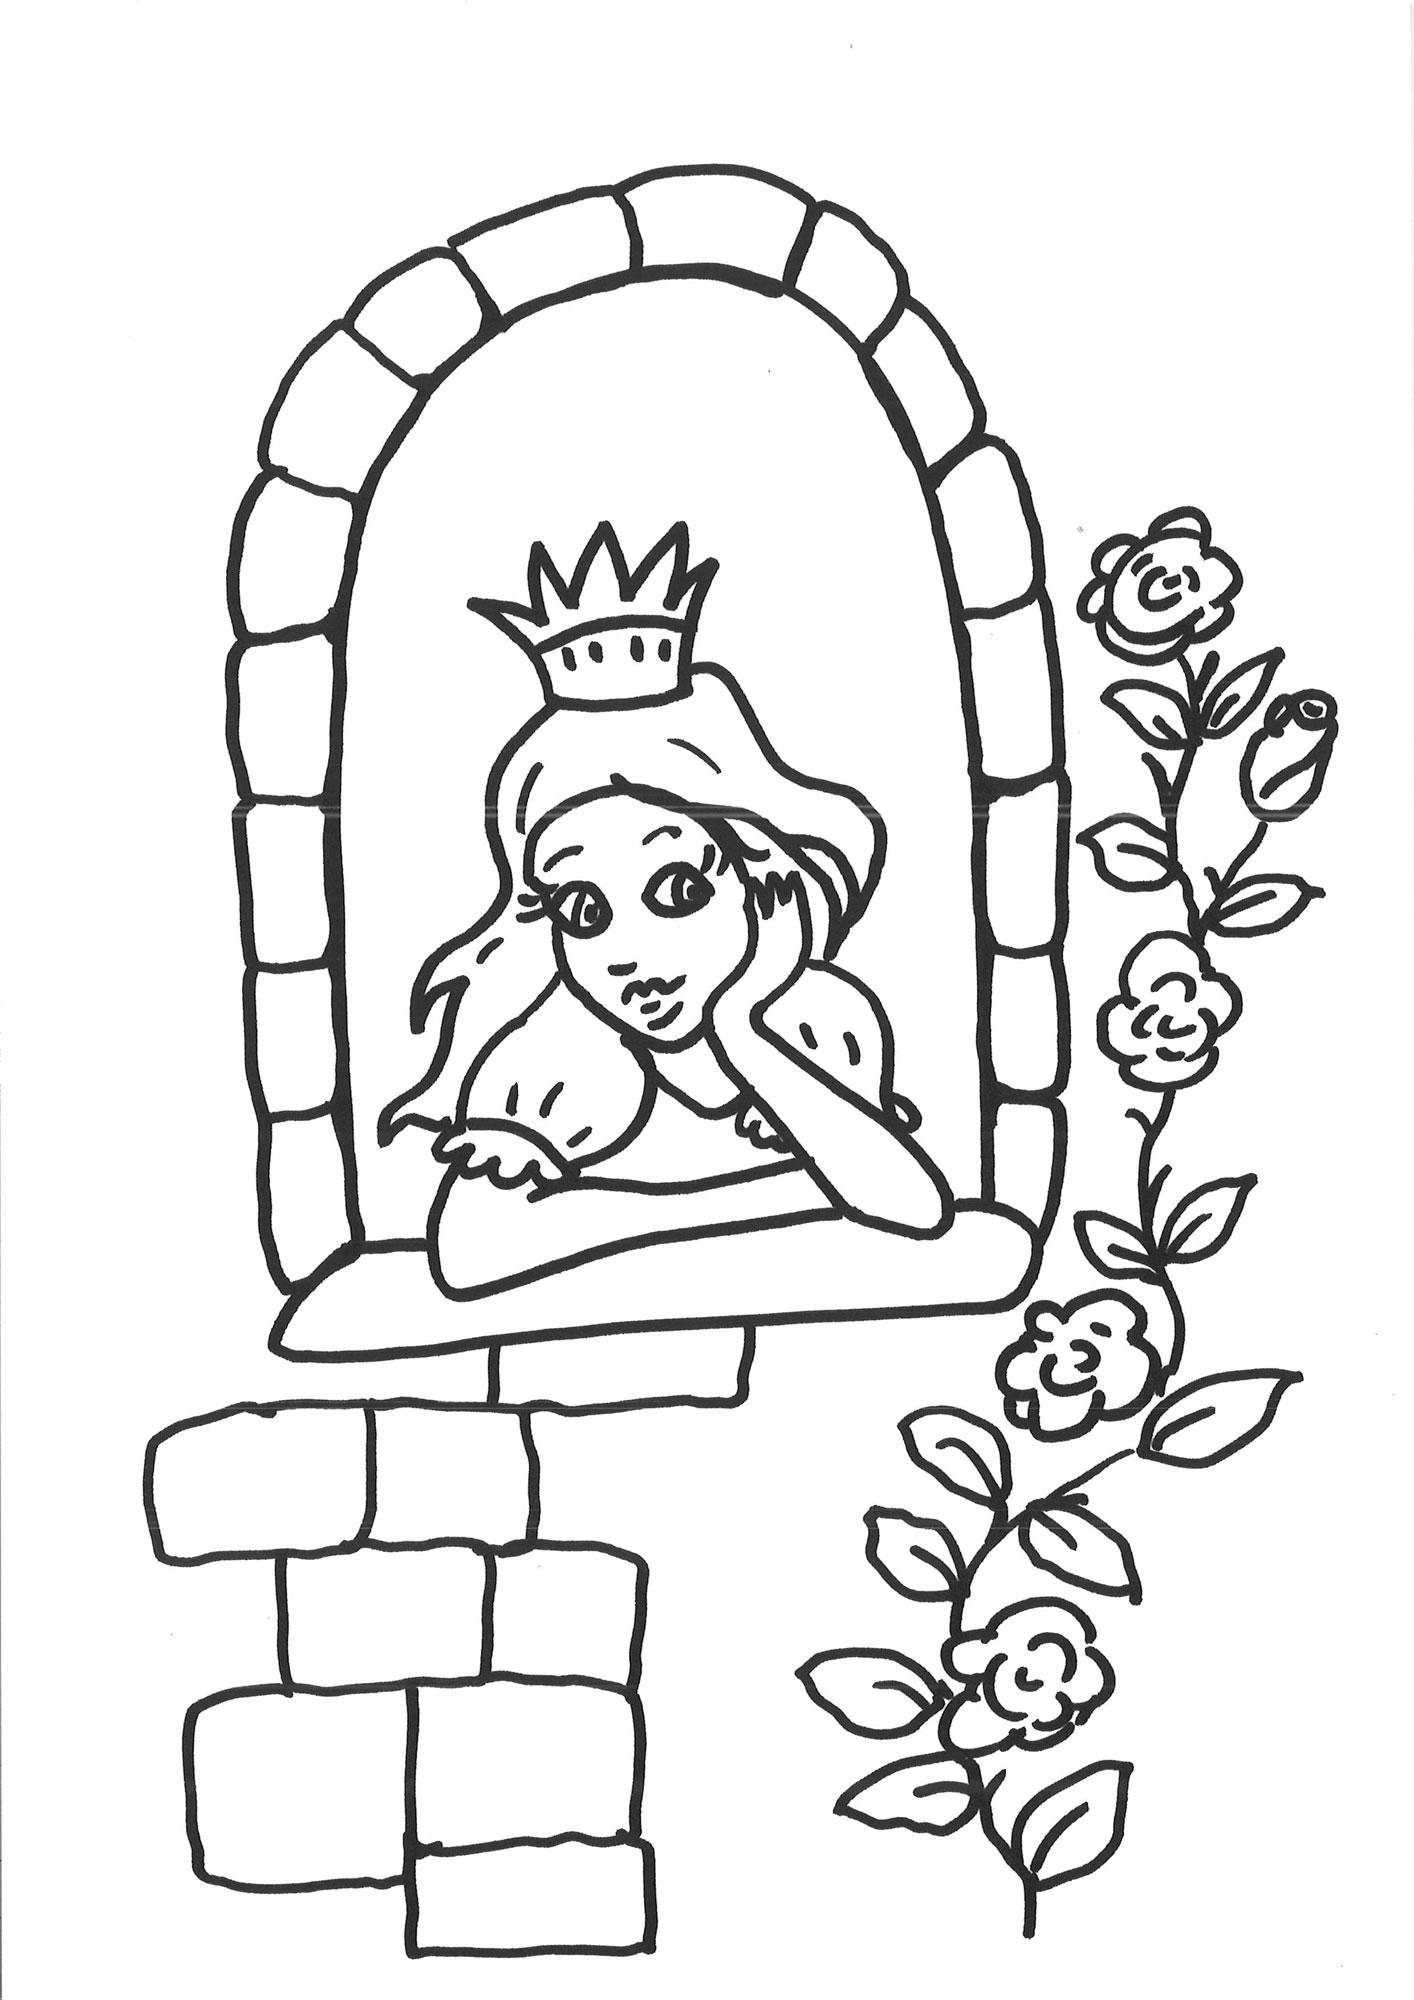 Ausmalbild Lillifee Ausdrucken: Prinzessin Schloss Ausmalbilder